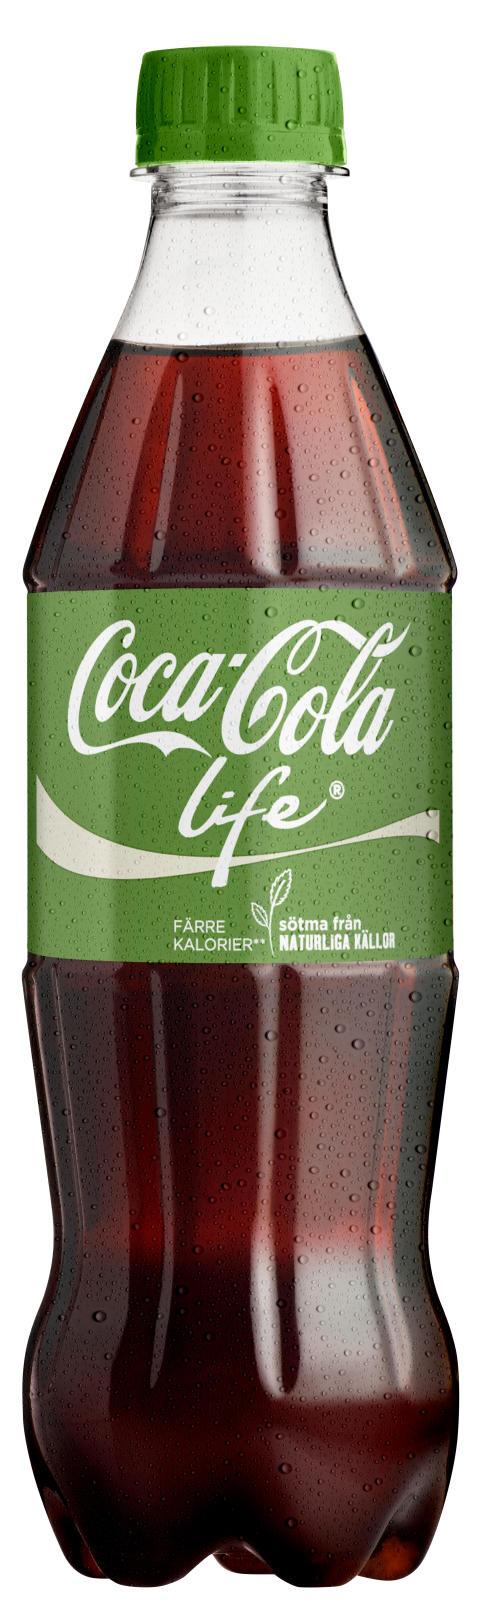 Coca-Cola life® nu i butik